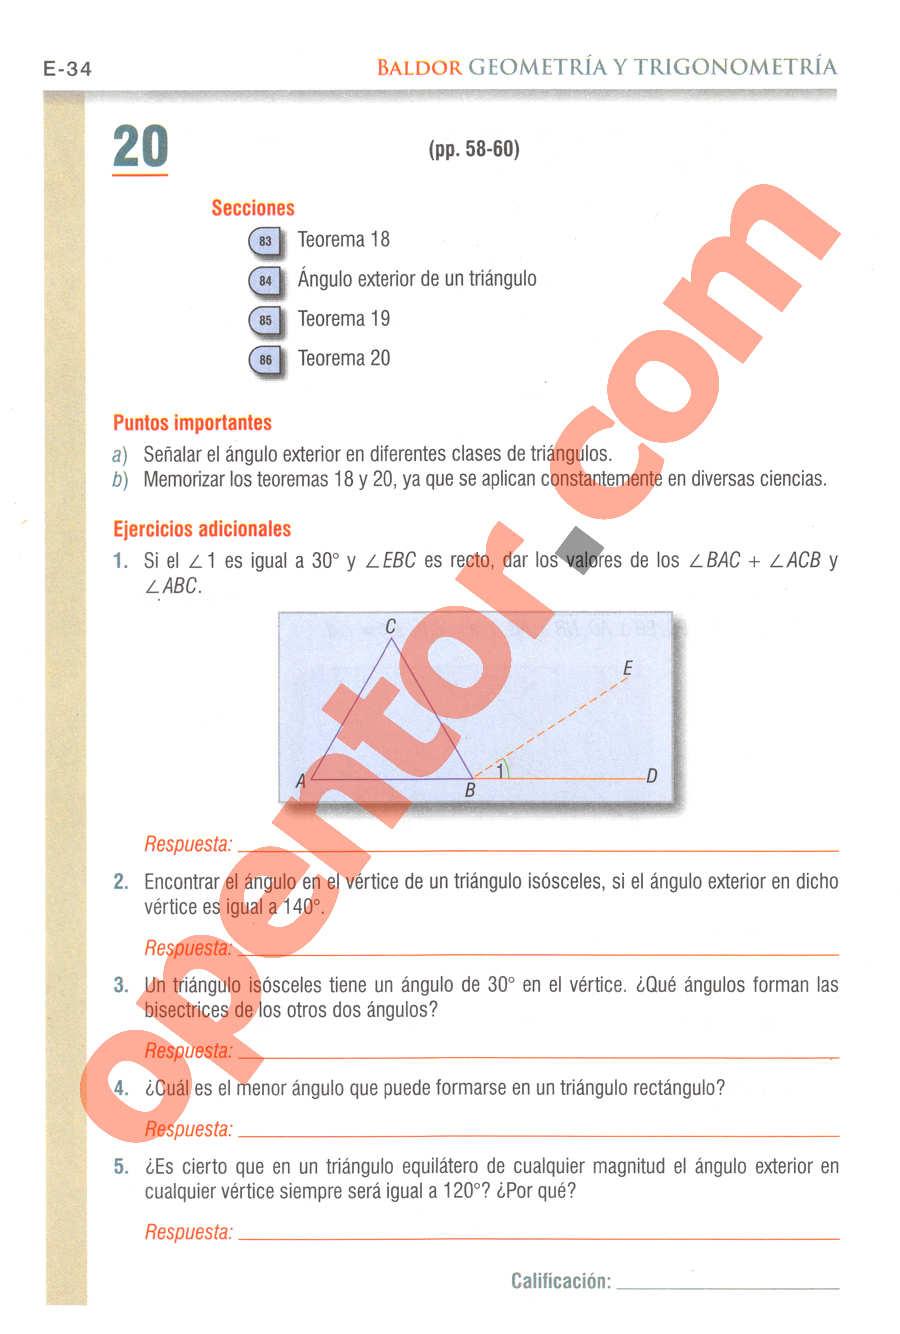 Geometría y Trigonometría de Baldor - Página E34